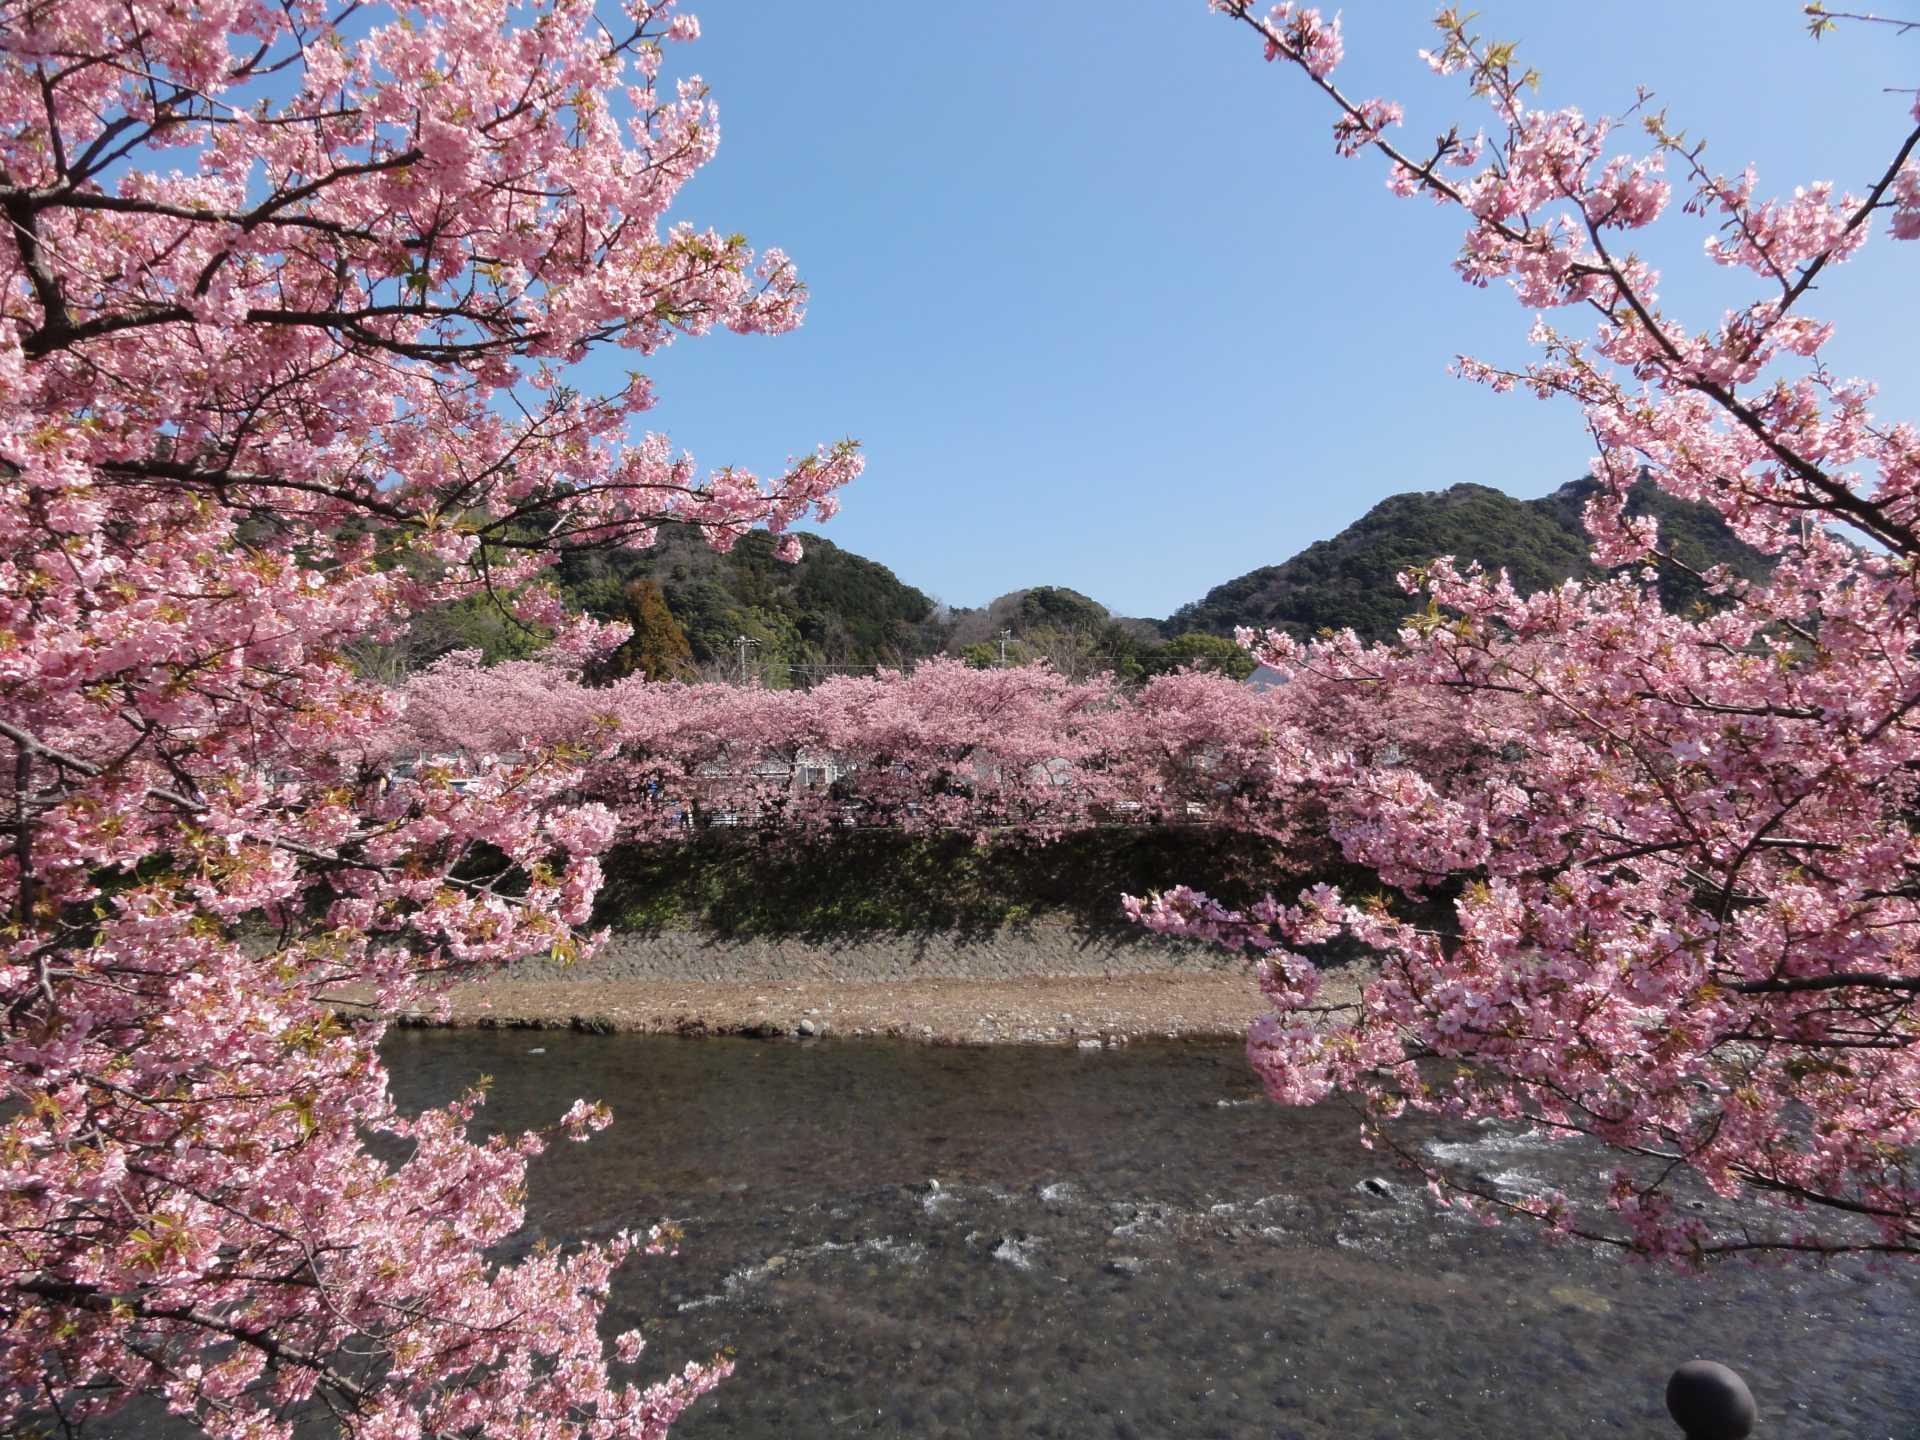 由河津櫻花編織的雅緻的粉色窗簾